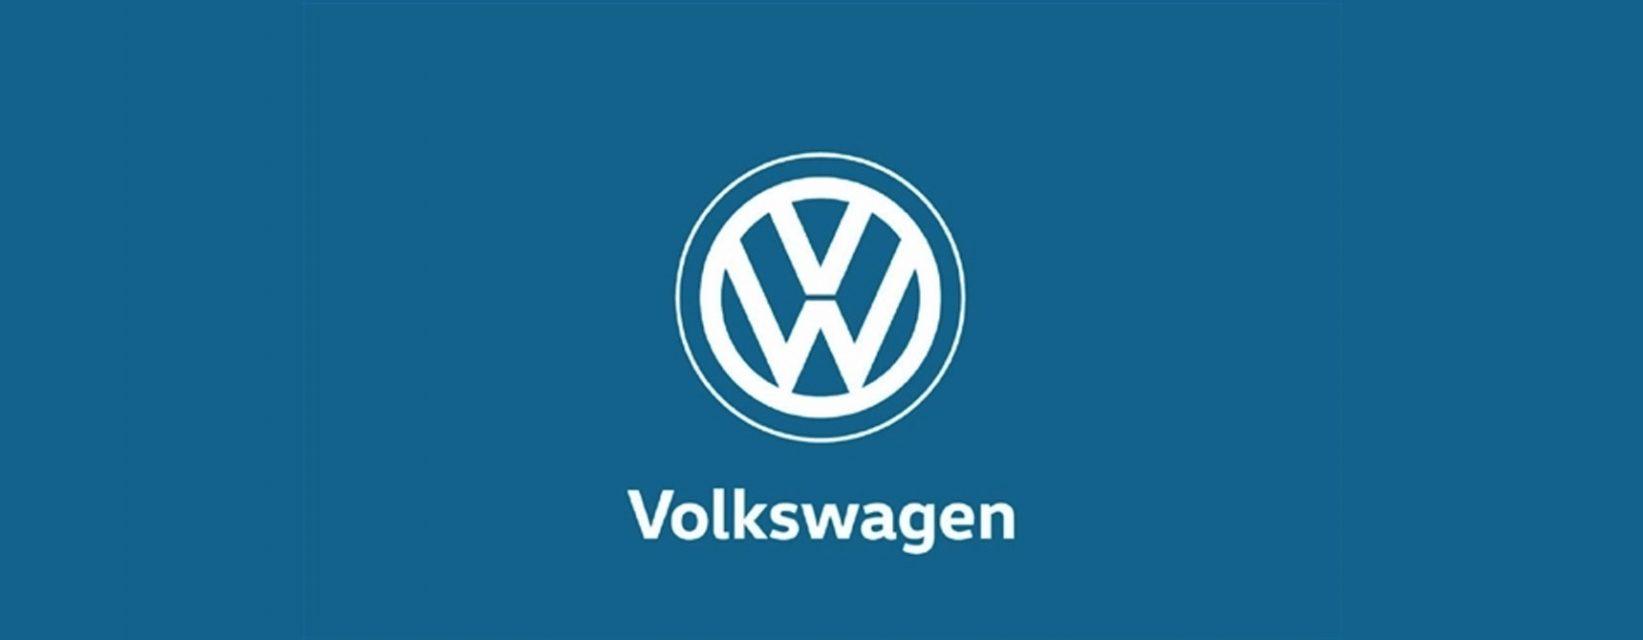 大众全新logo公布 立体质感秒变扁平化数字形象